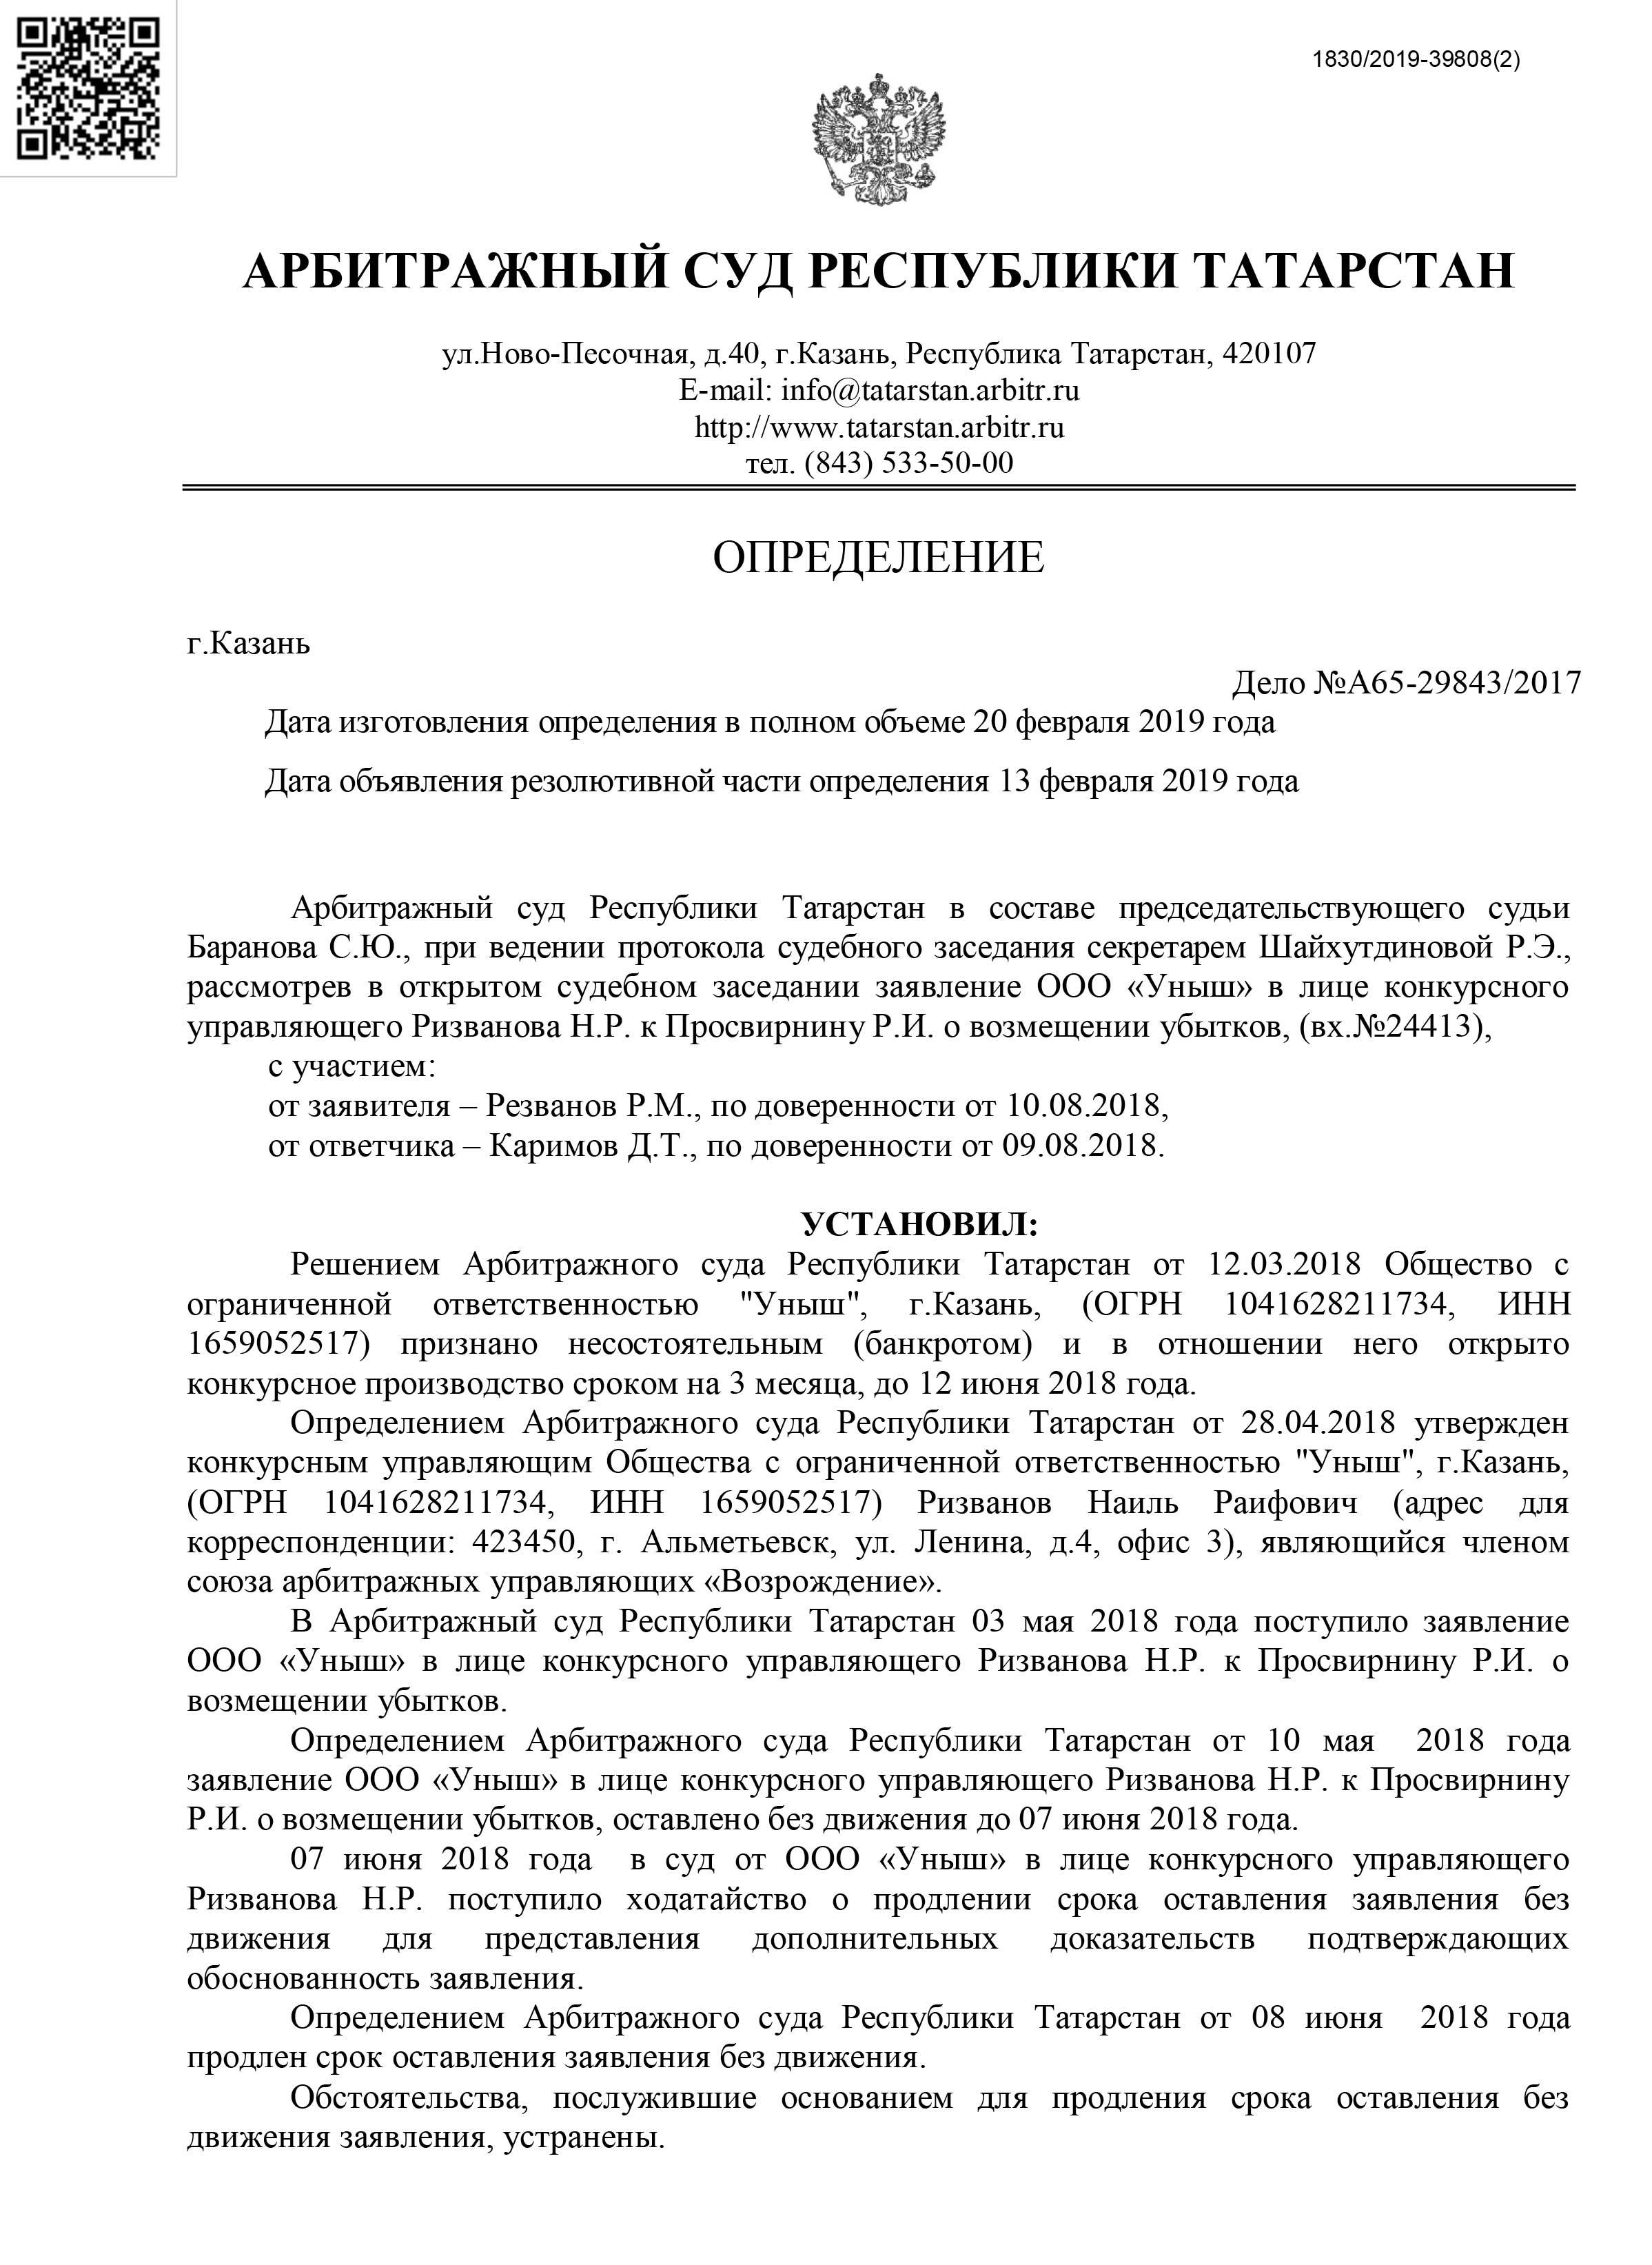 A65-29843-2017_20190220_Opredelenie-1